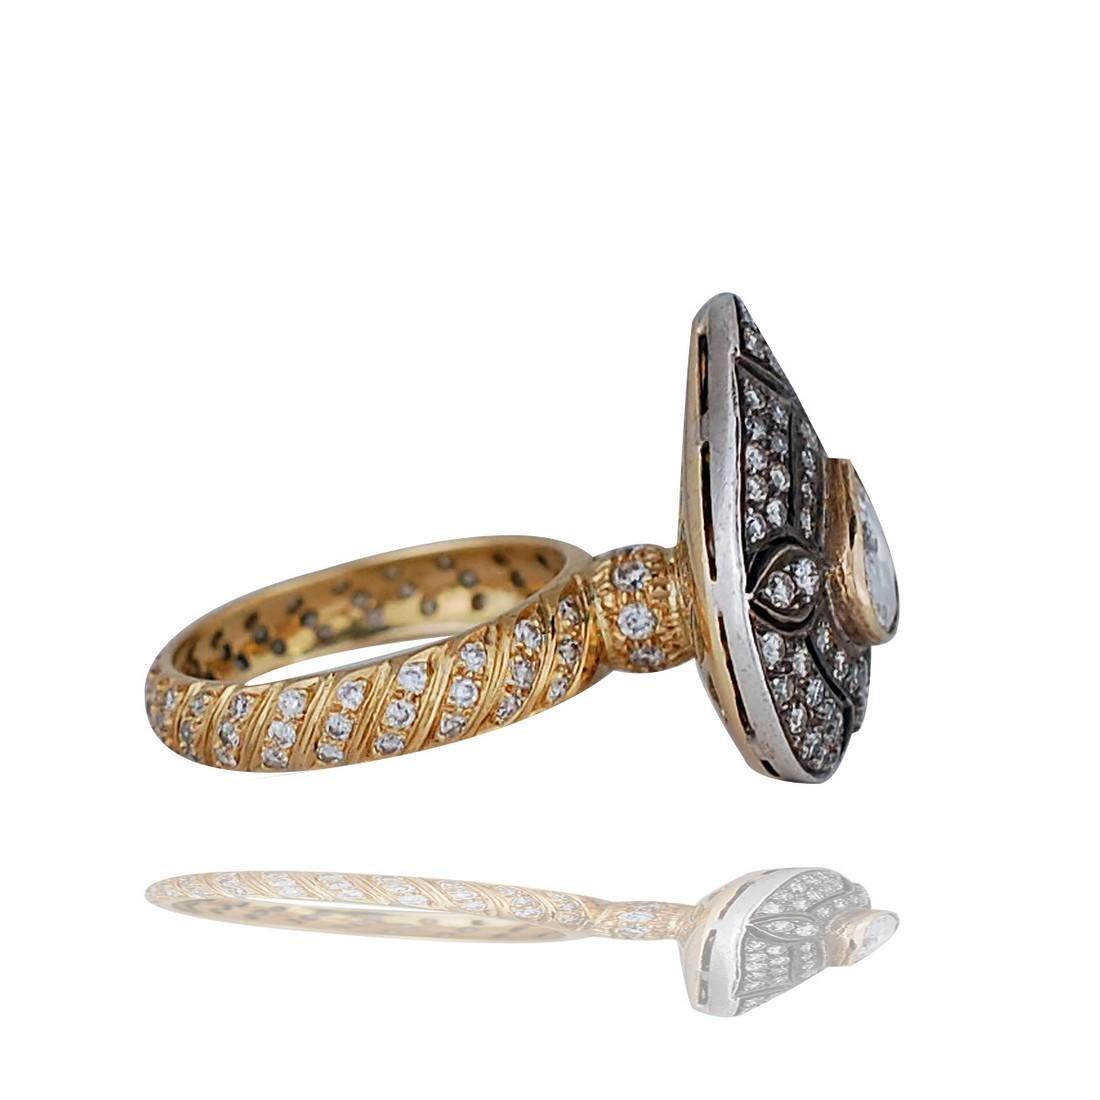 Gregorian, Solitaire Diamond, 1.65 tw, 14 Karat Two - 2